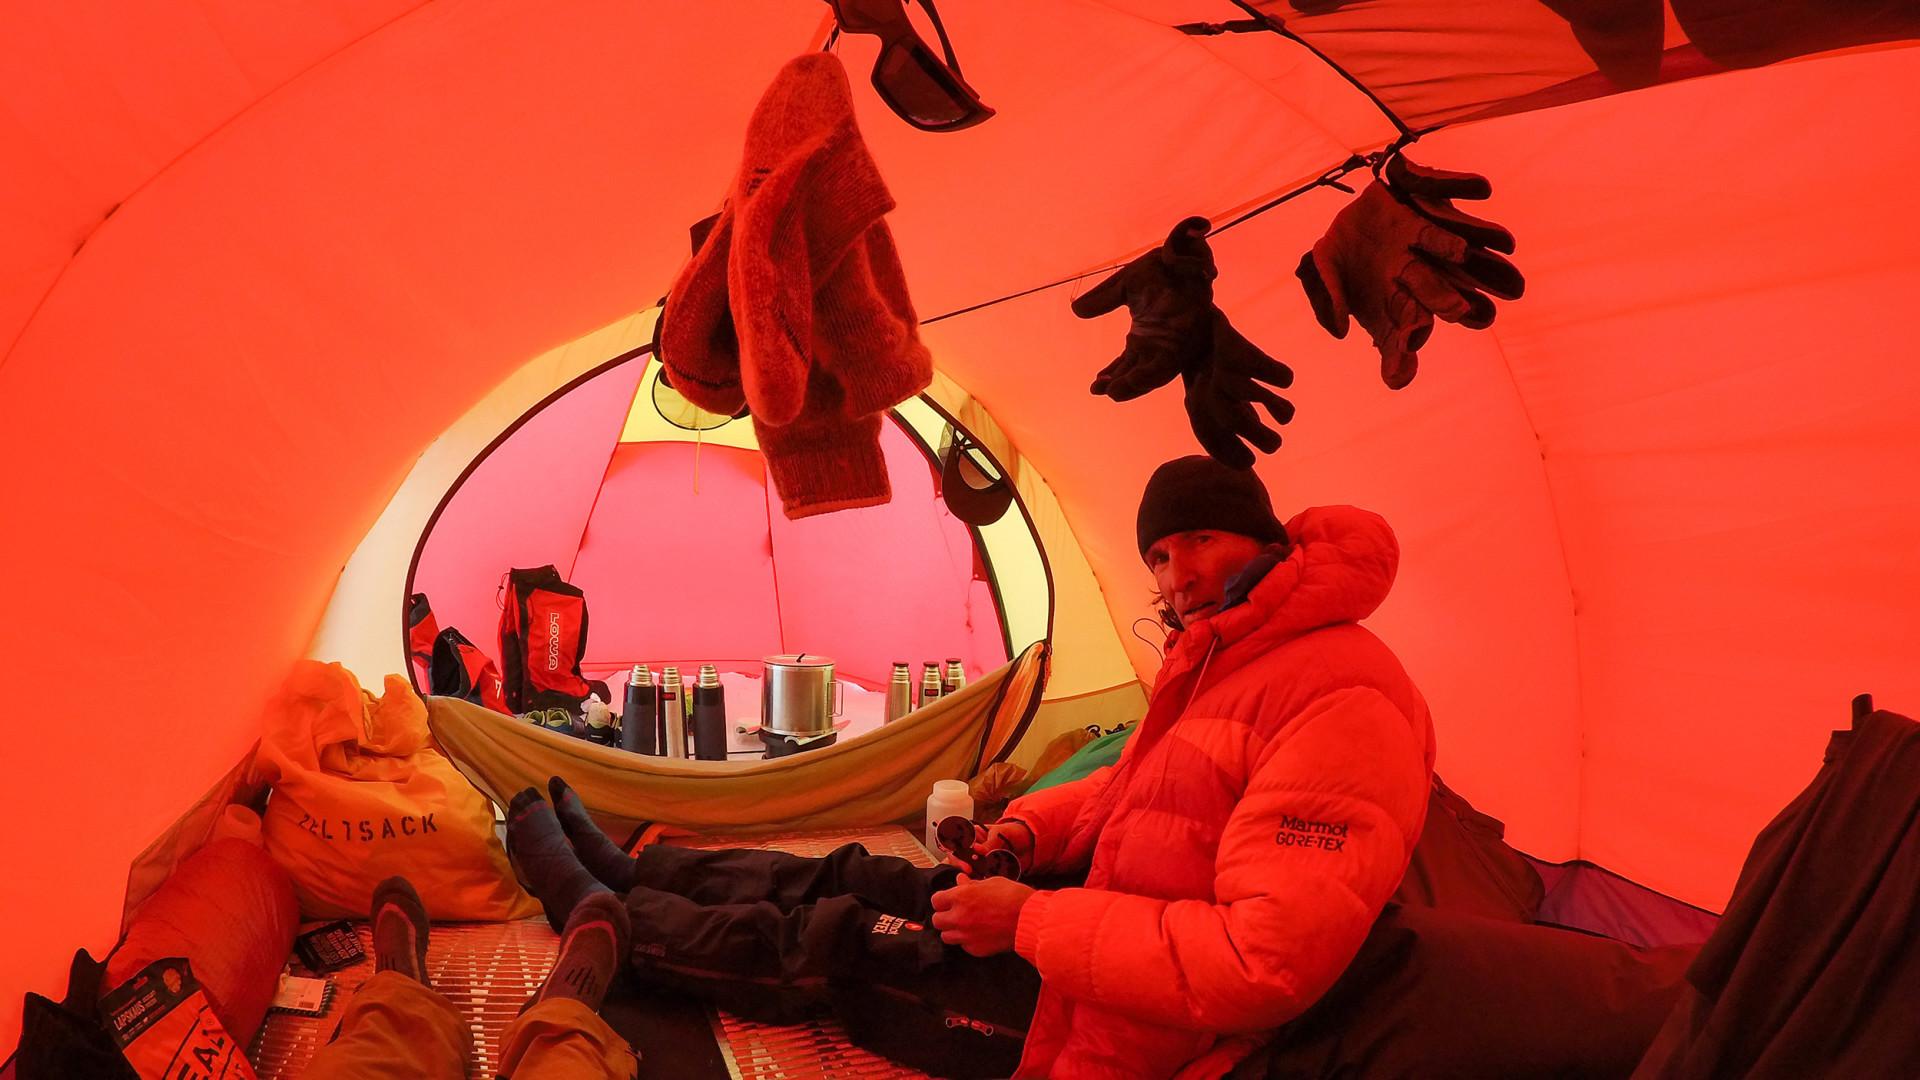 """Stefan Glowacz und seine Begleiter, Fotograf Thomas Ulrich und Spitzenkletterer Philipp Hans, stellen die Expedition Coast to Coast unter das Motto """"by fair means"""". Mit möglichst geringem"""